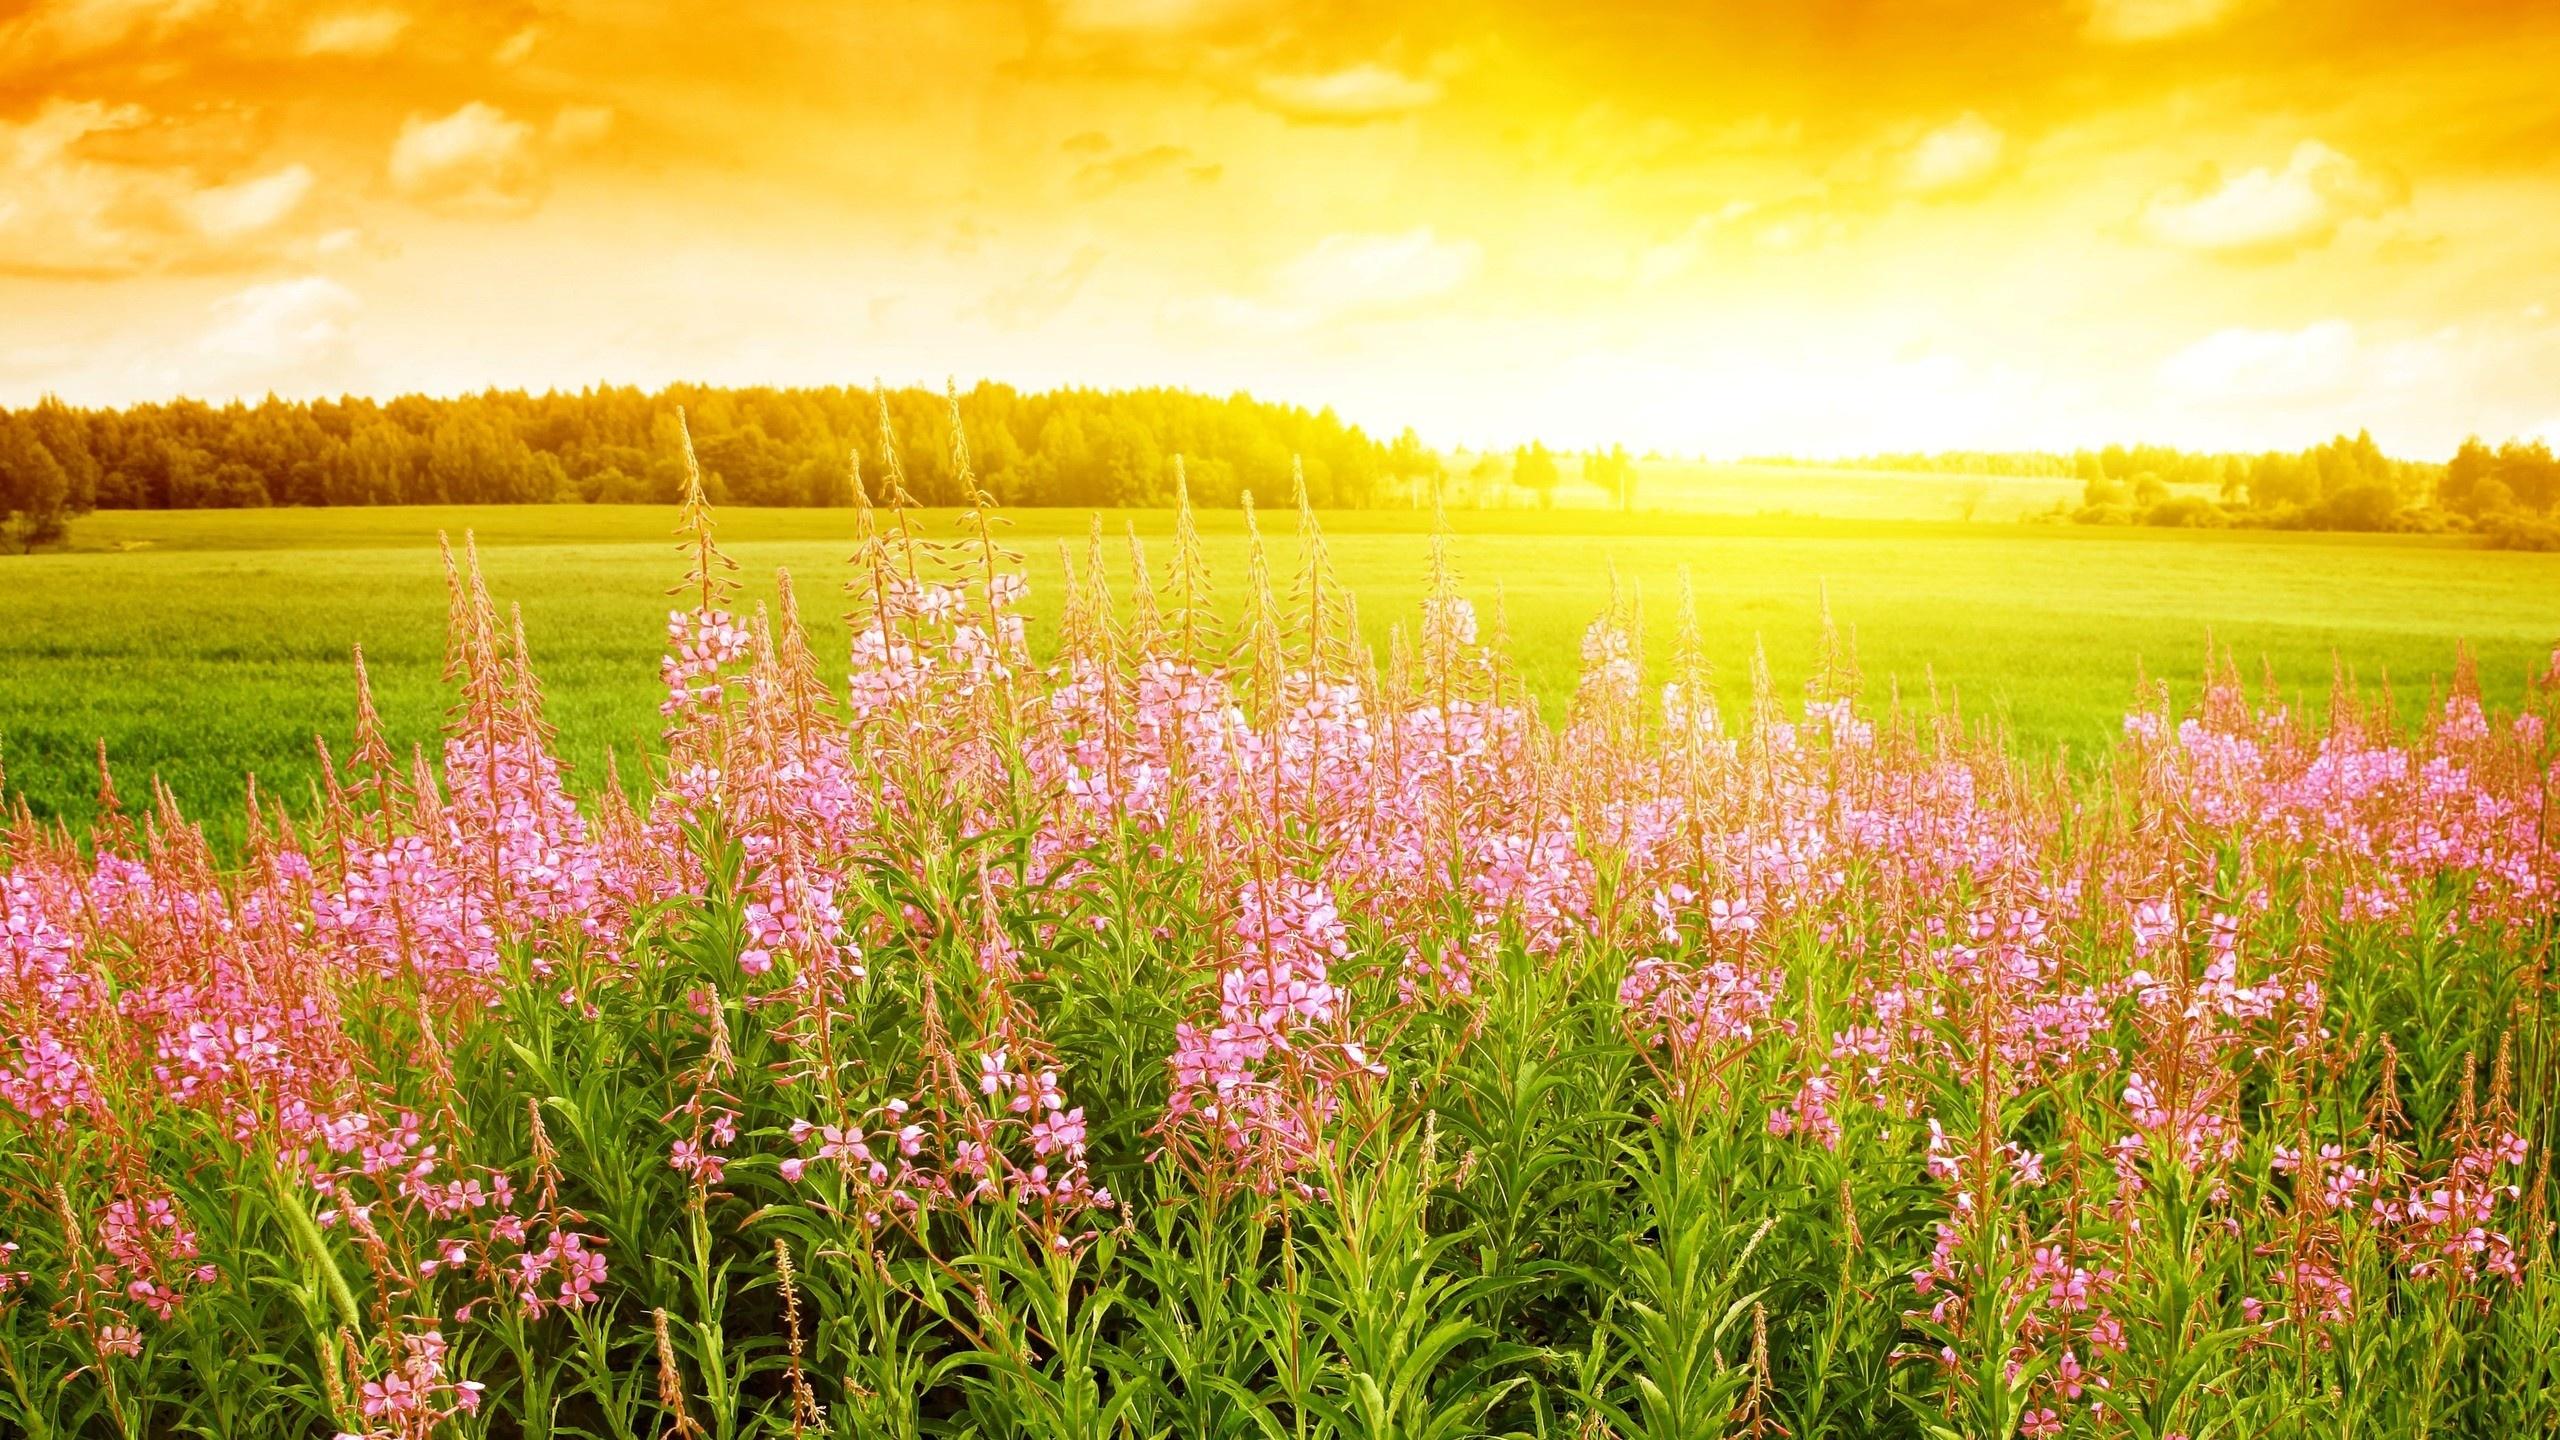 Meadow Wallpaper HD